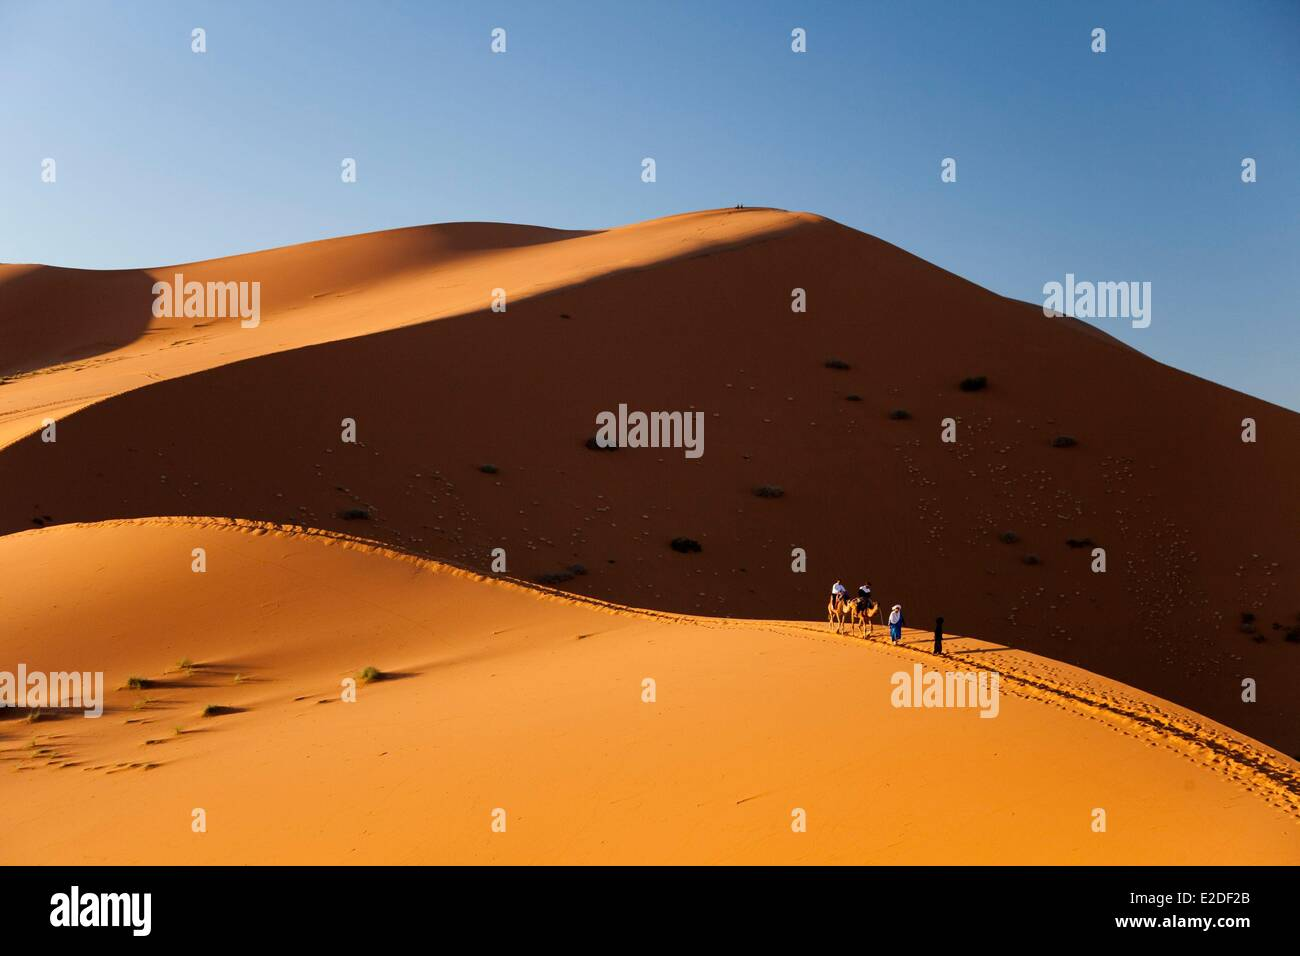 Morocco, Tafilalet region, Merzouga, erg Chebbi desert, camel trek on sand dunes - Stock Image